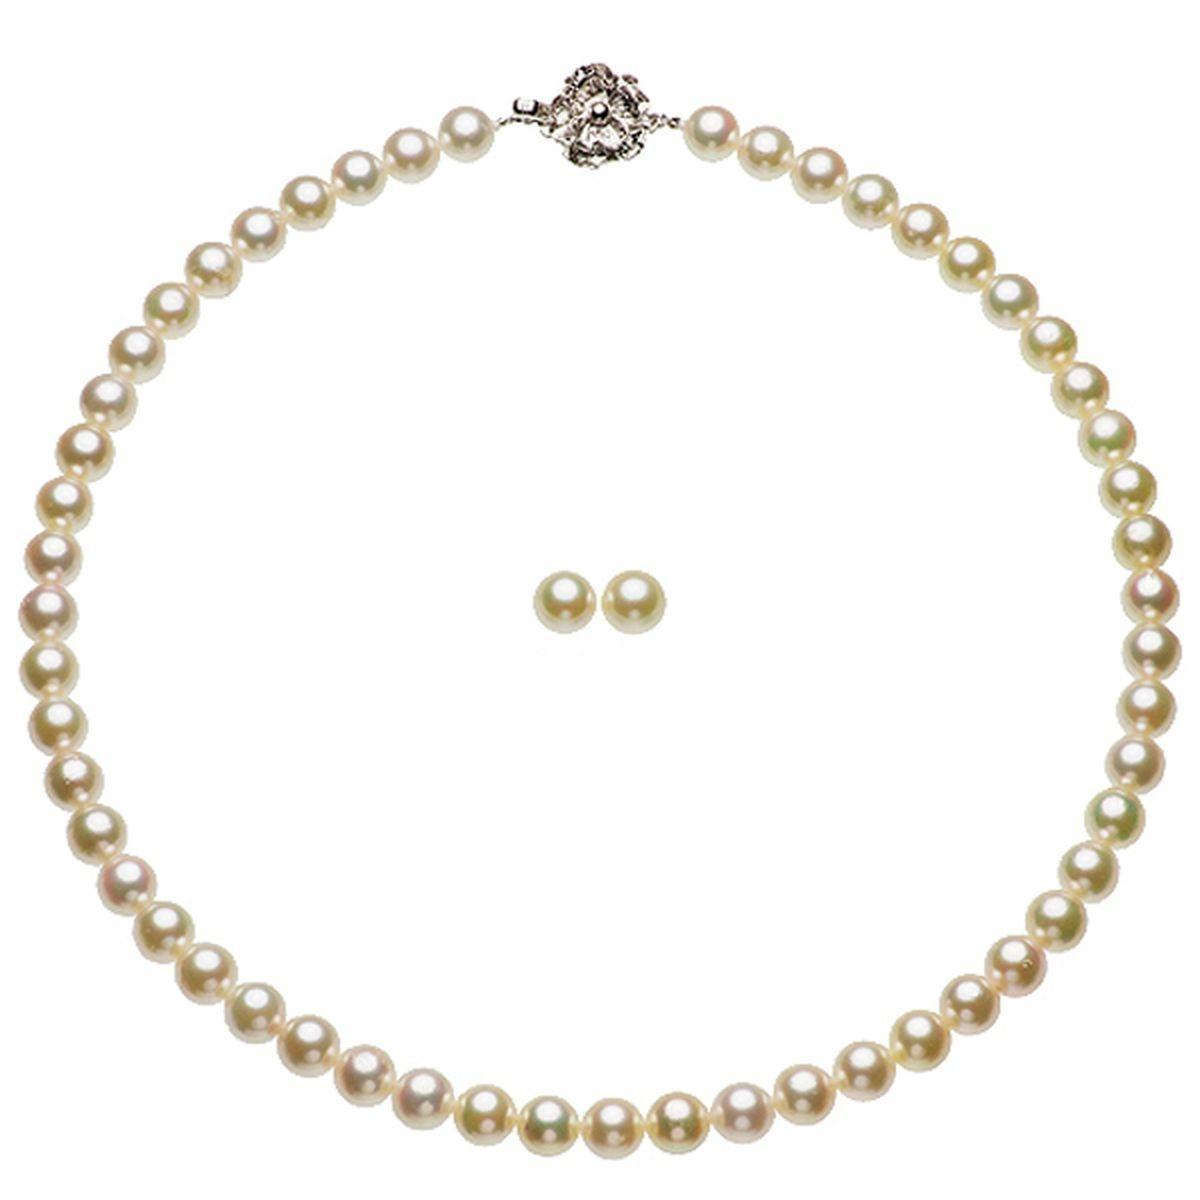 アコヤ 真珠 ピアス ネックレス セット 約7.5-8.0mmの写真